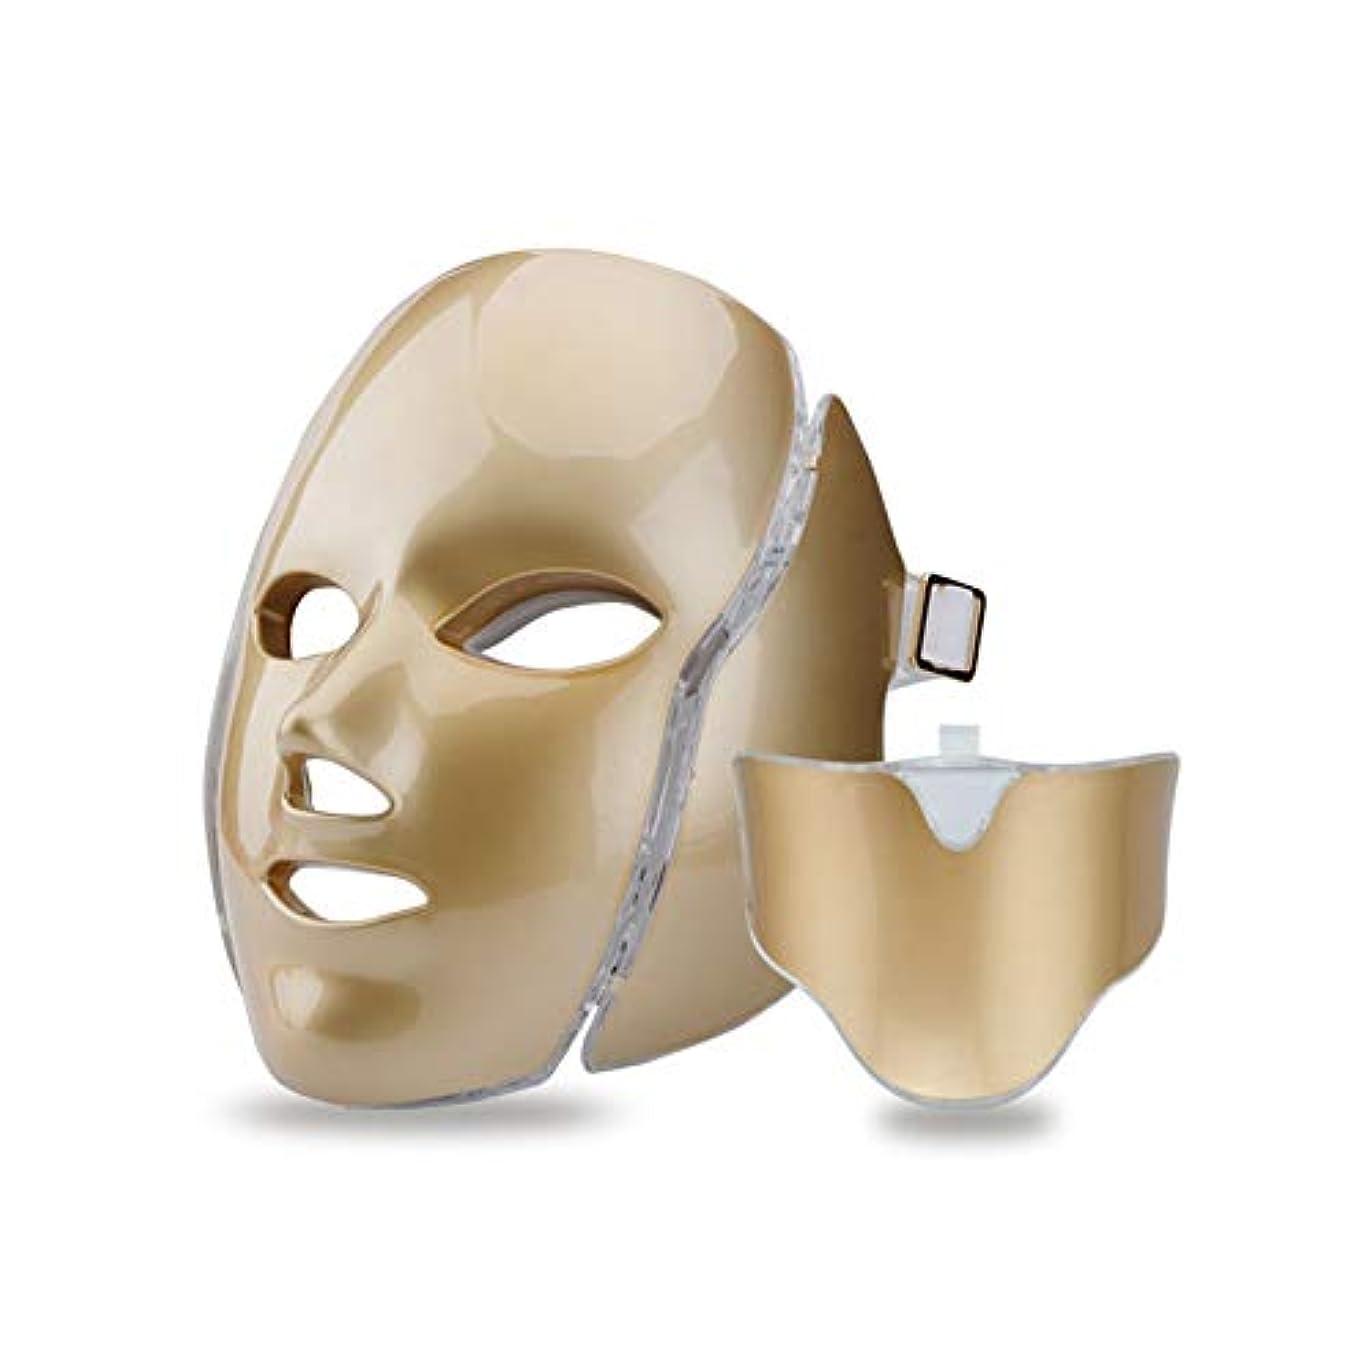 他の場所トランジスタディベート赤色光光子治療機7色ledマスク+首、肌の若返りニキビフェイシャルスパ美容機器,Gold